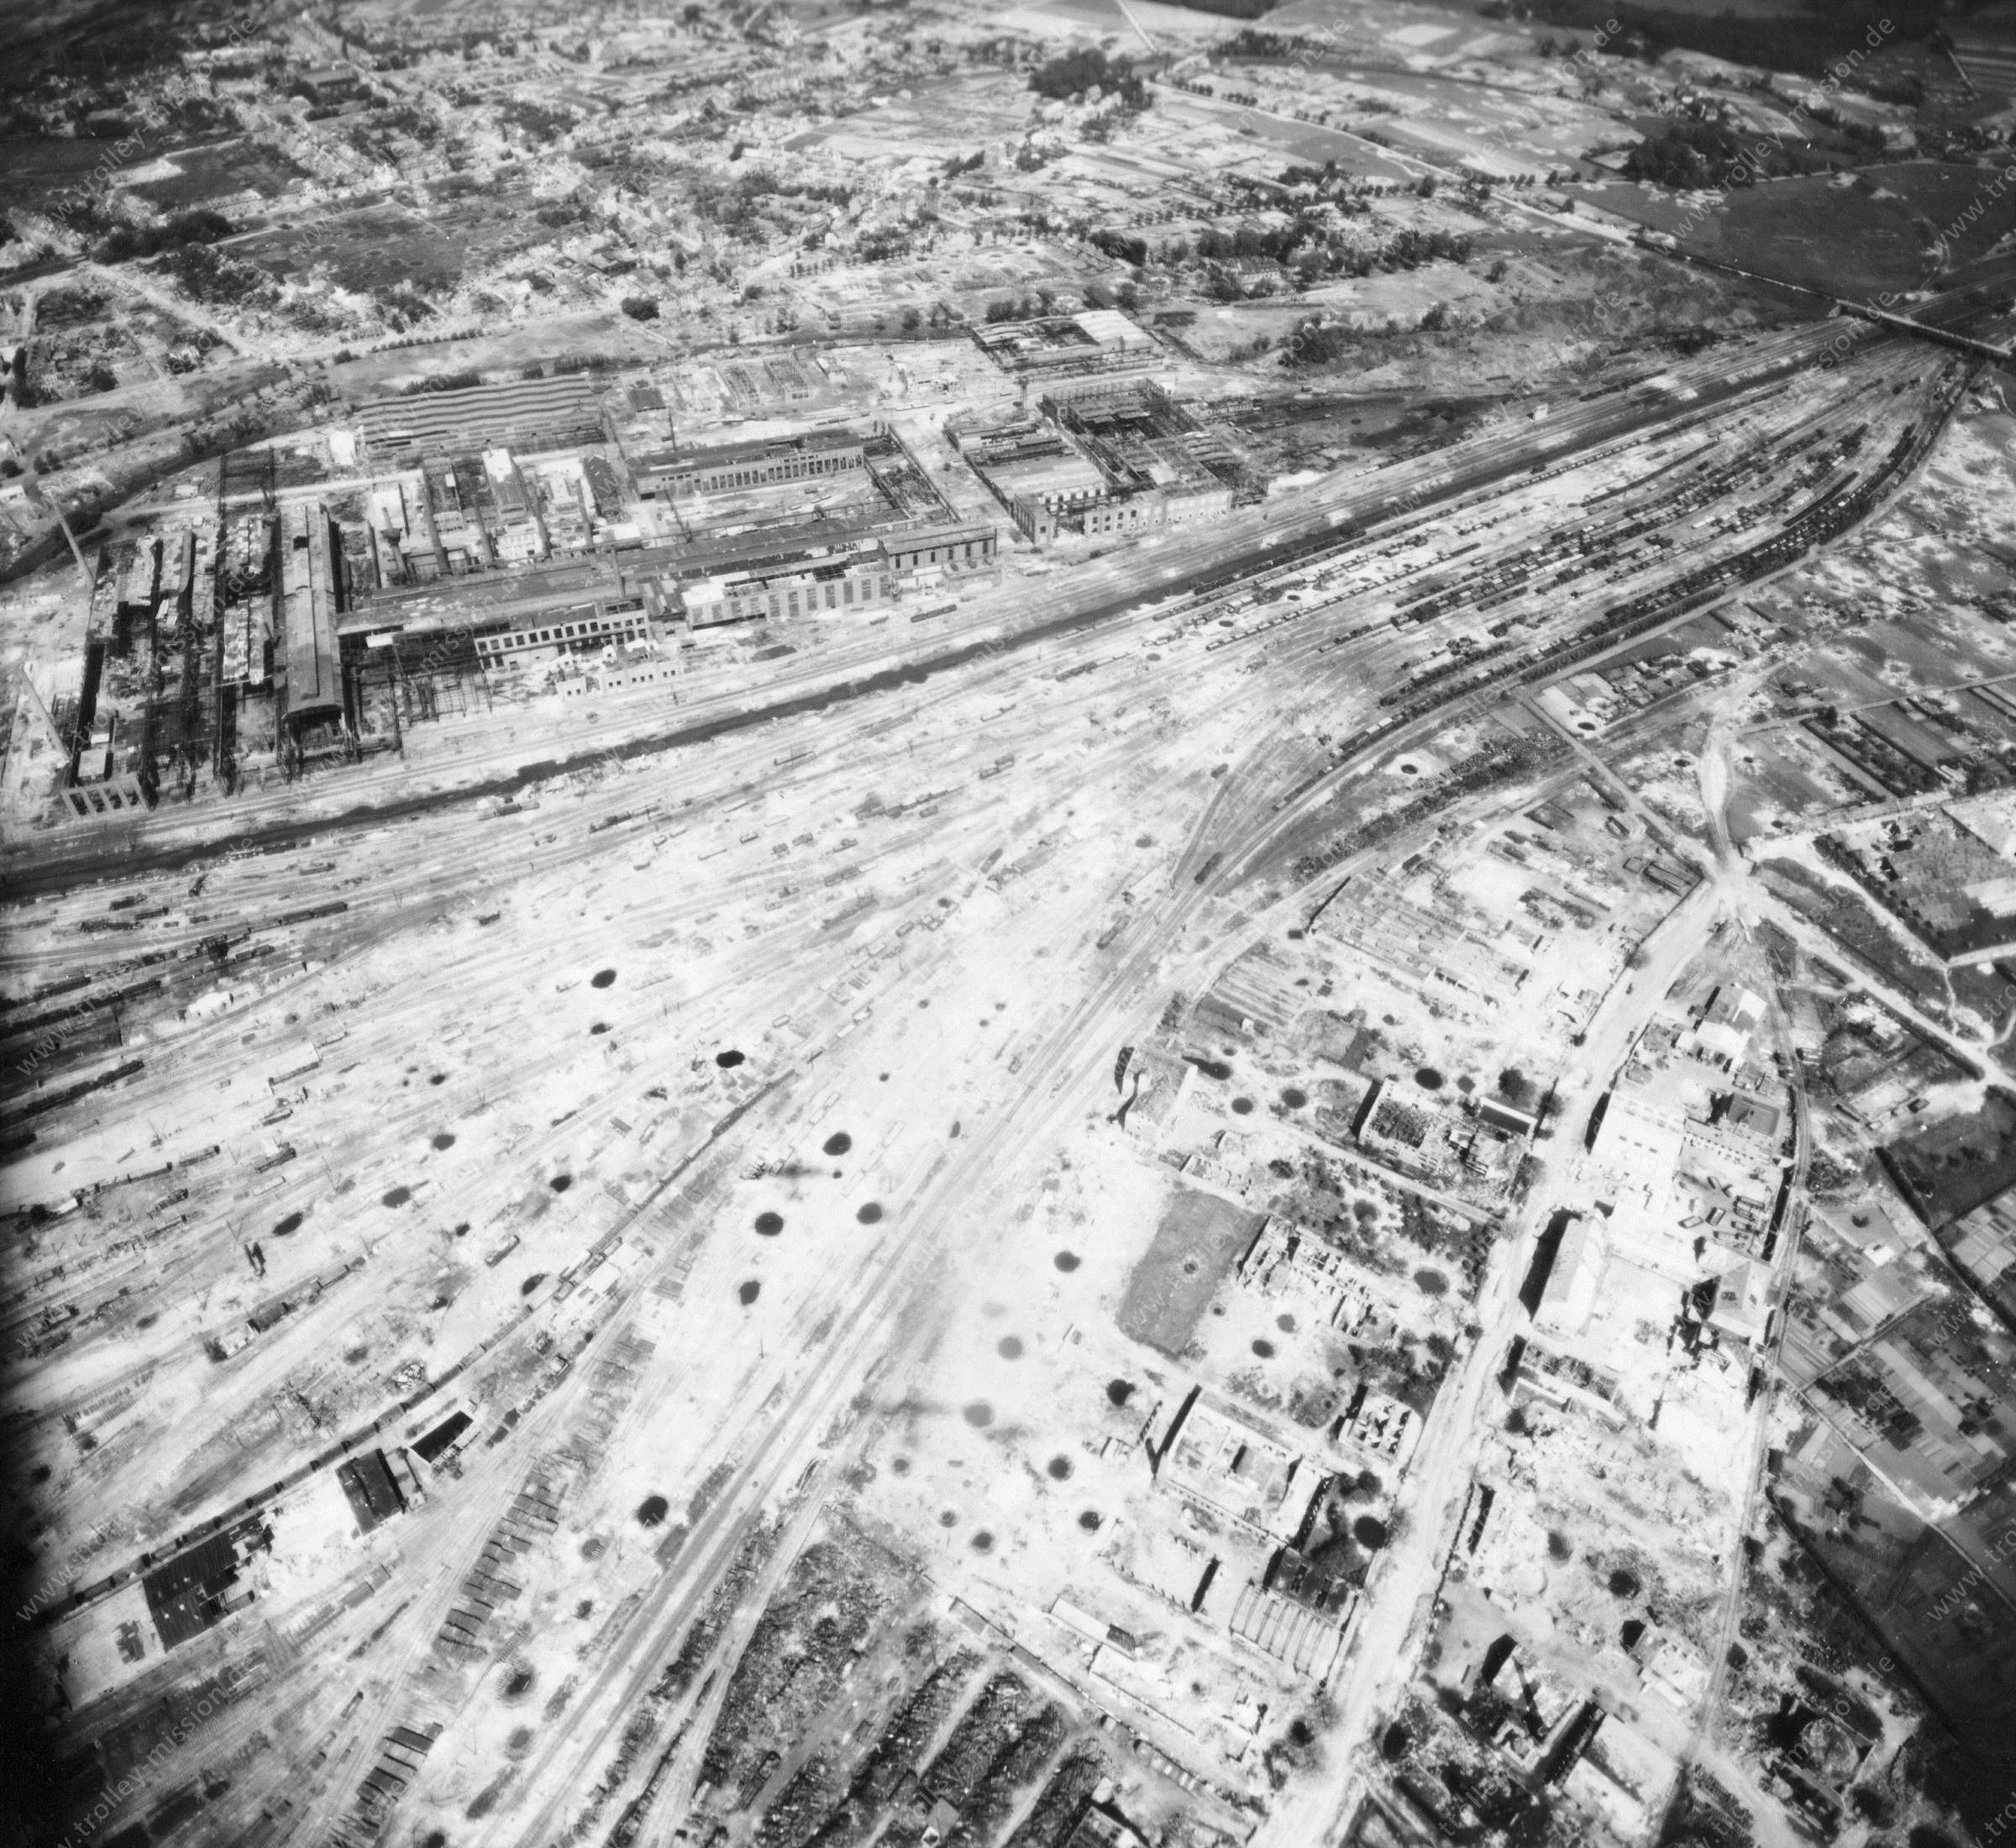 Luftbild von Osnabrück am 12. Mai 1945 - Luftbildserie 7/9 der US Air Force